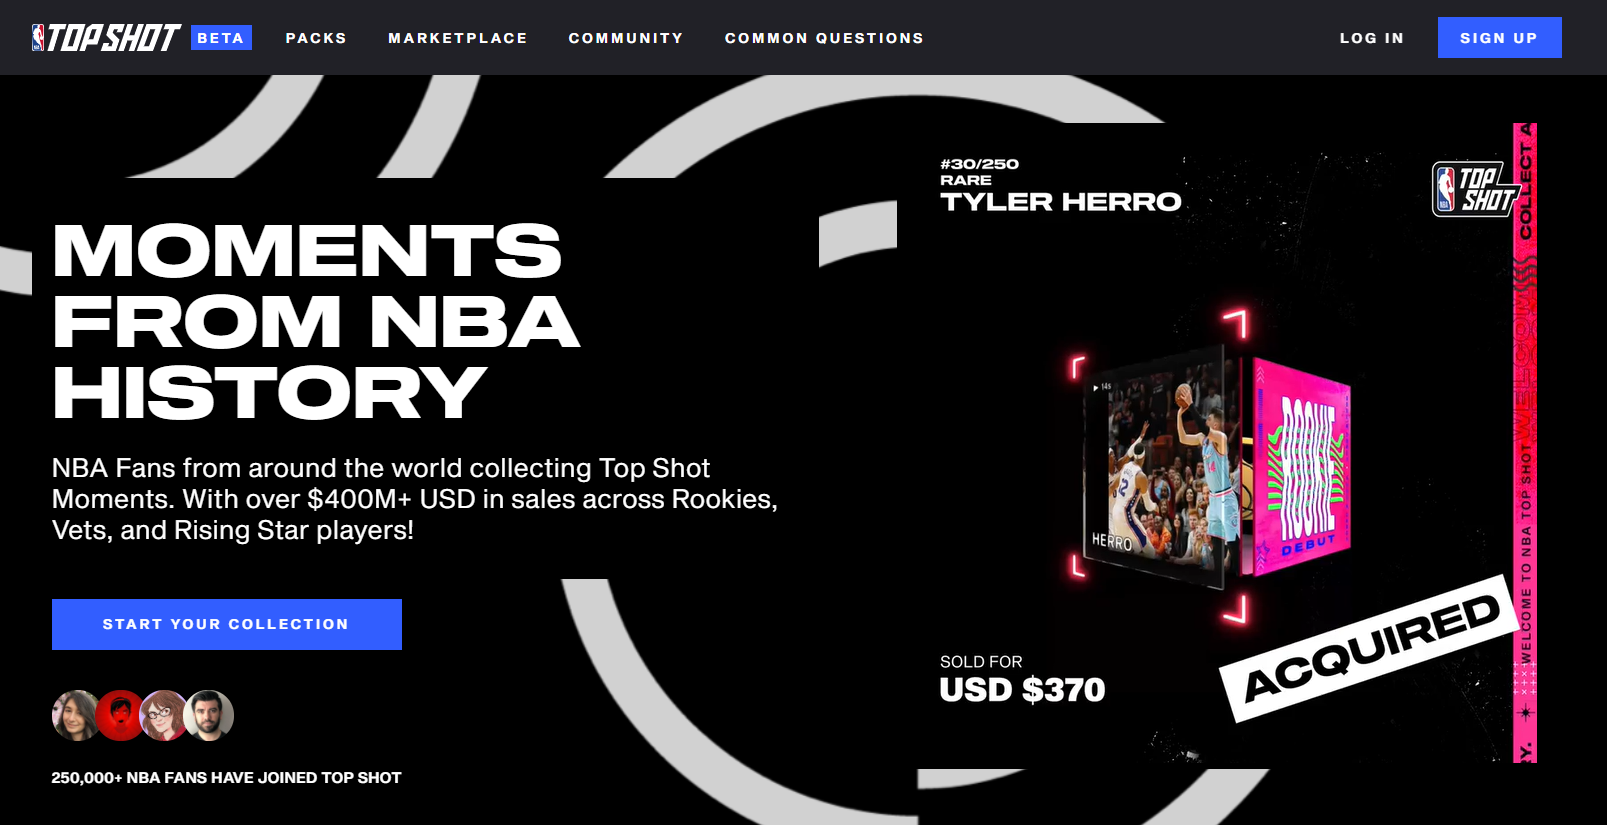 NBA Top Shot Marketplace Focus